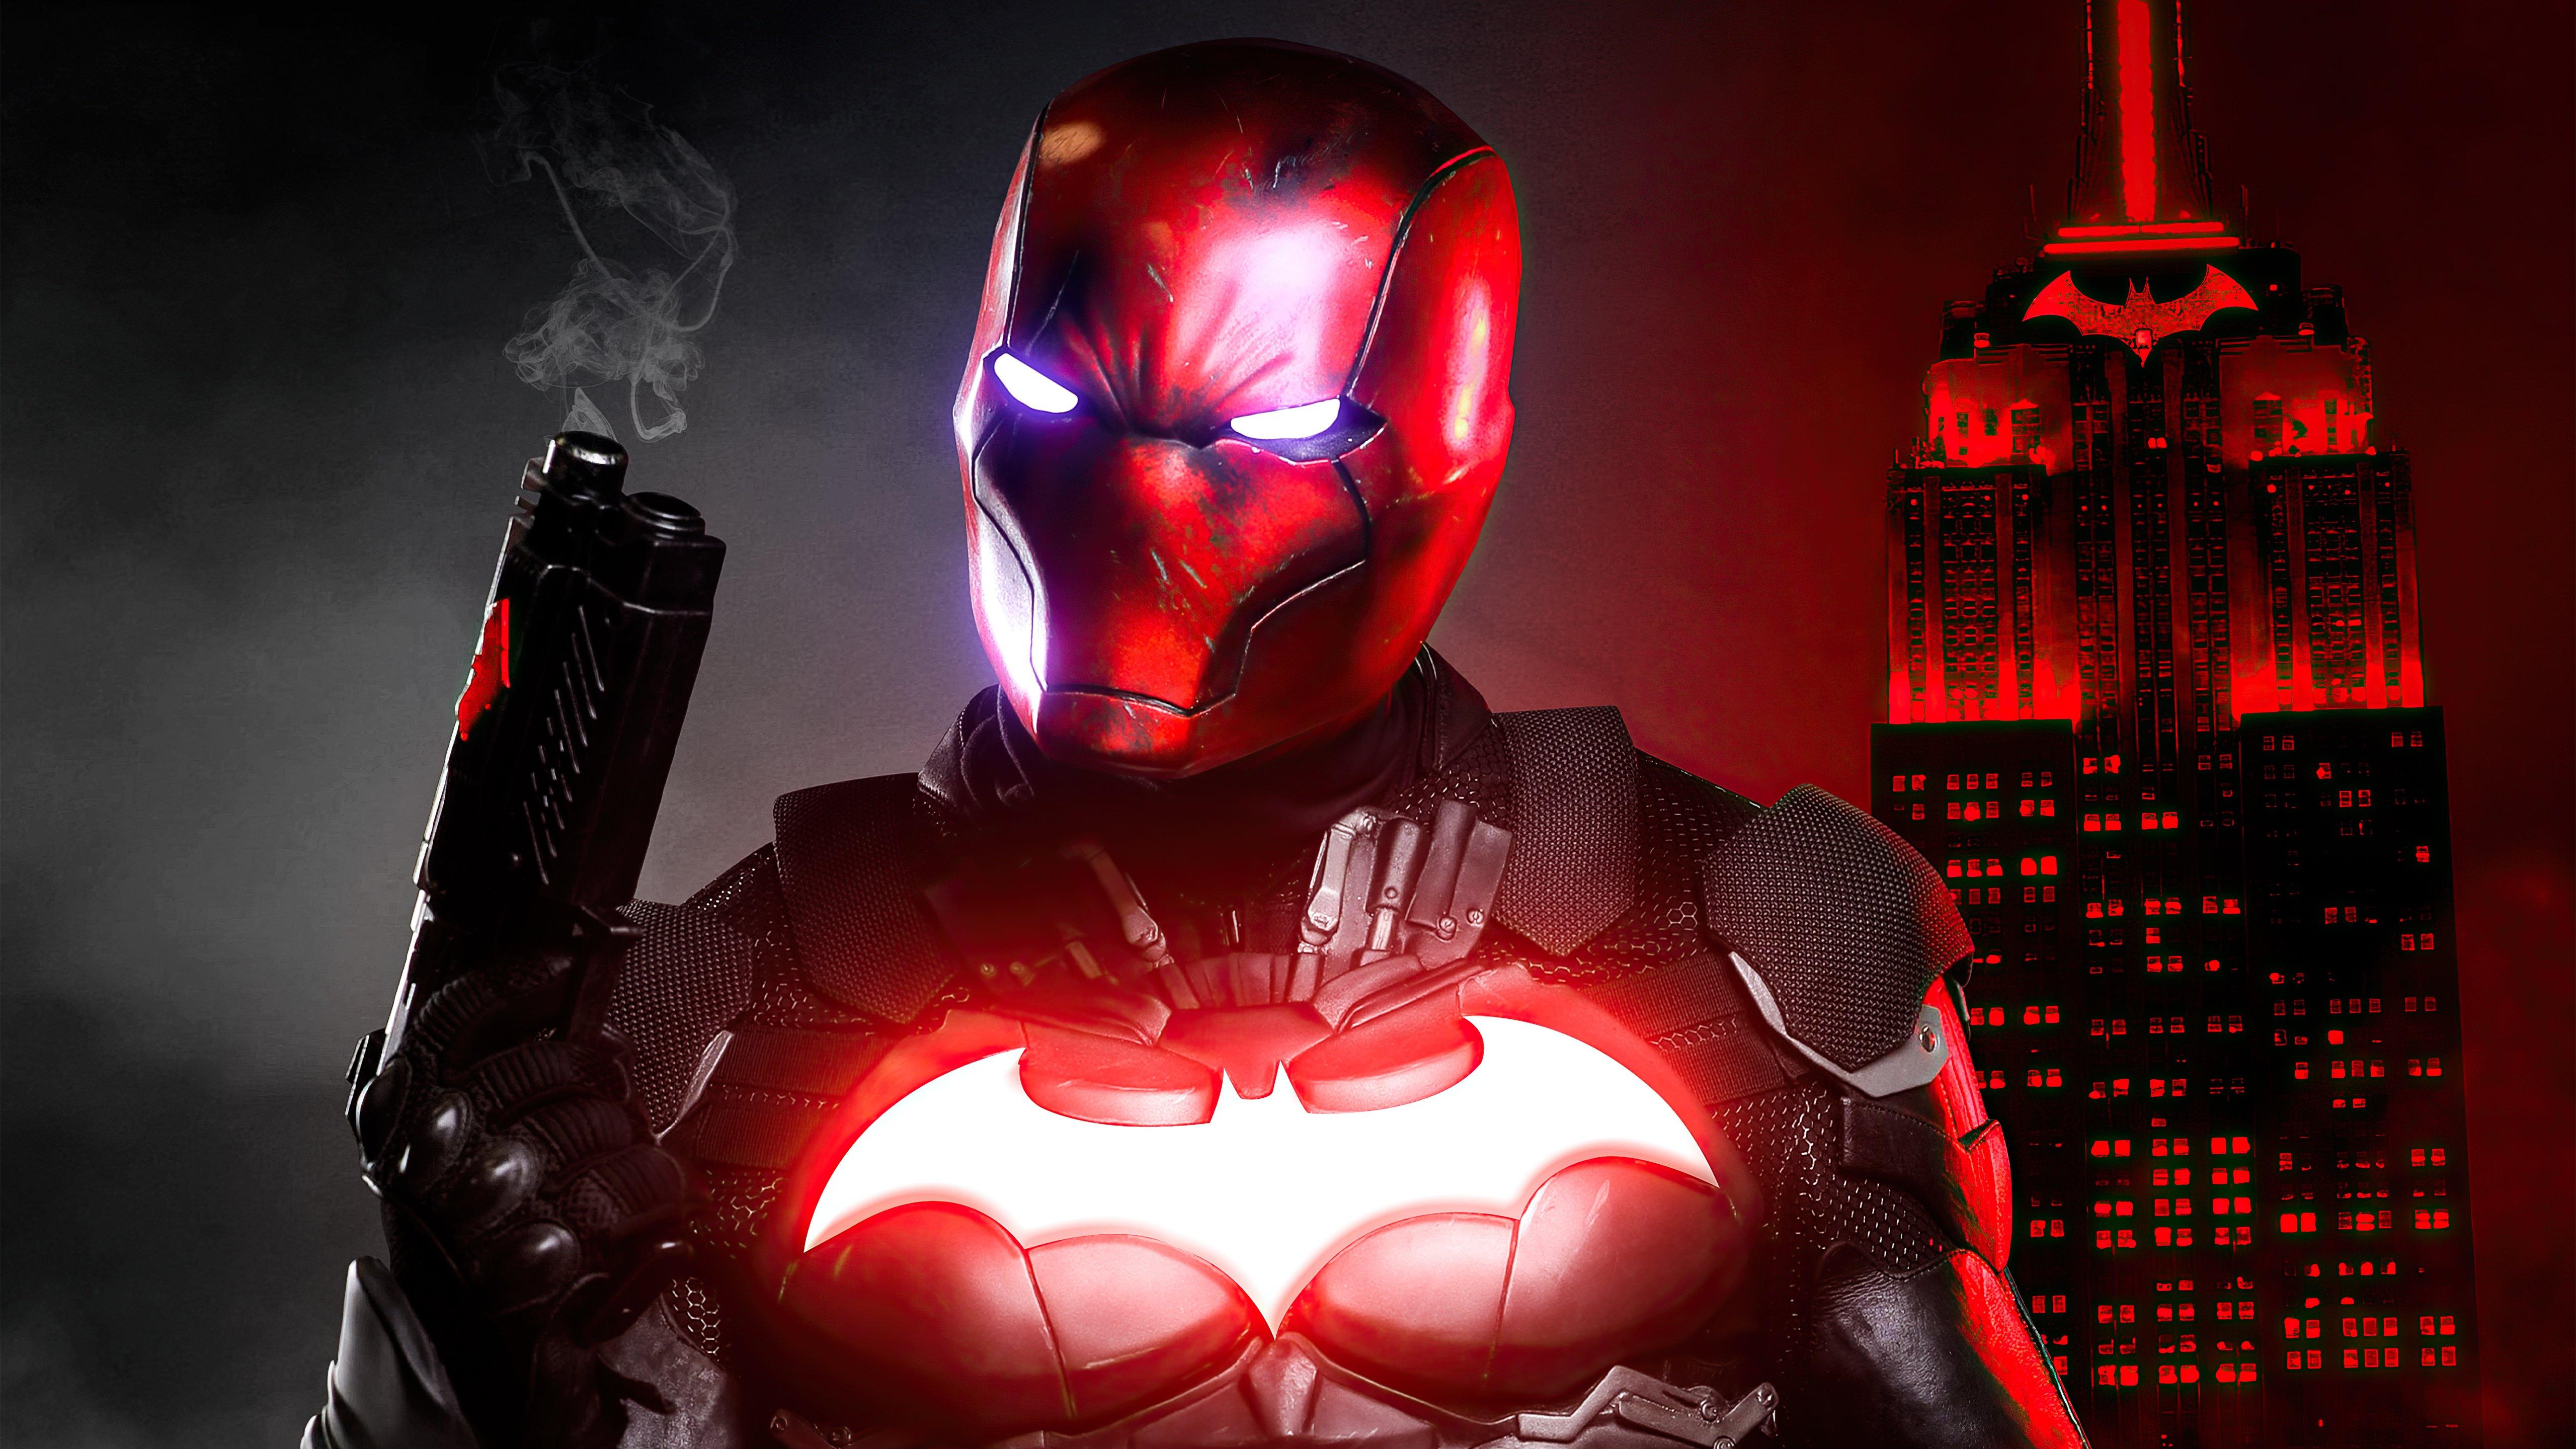 Fondos de pantalla Capucha roja DC comic